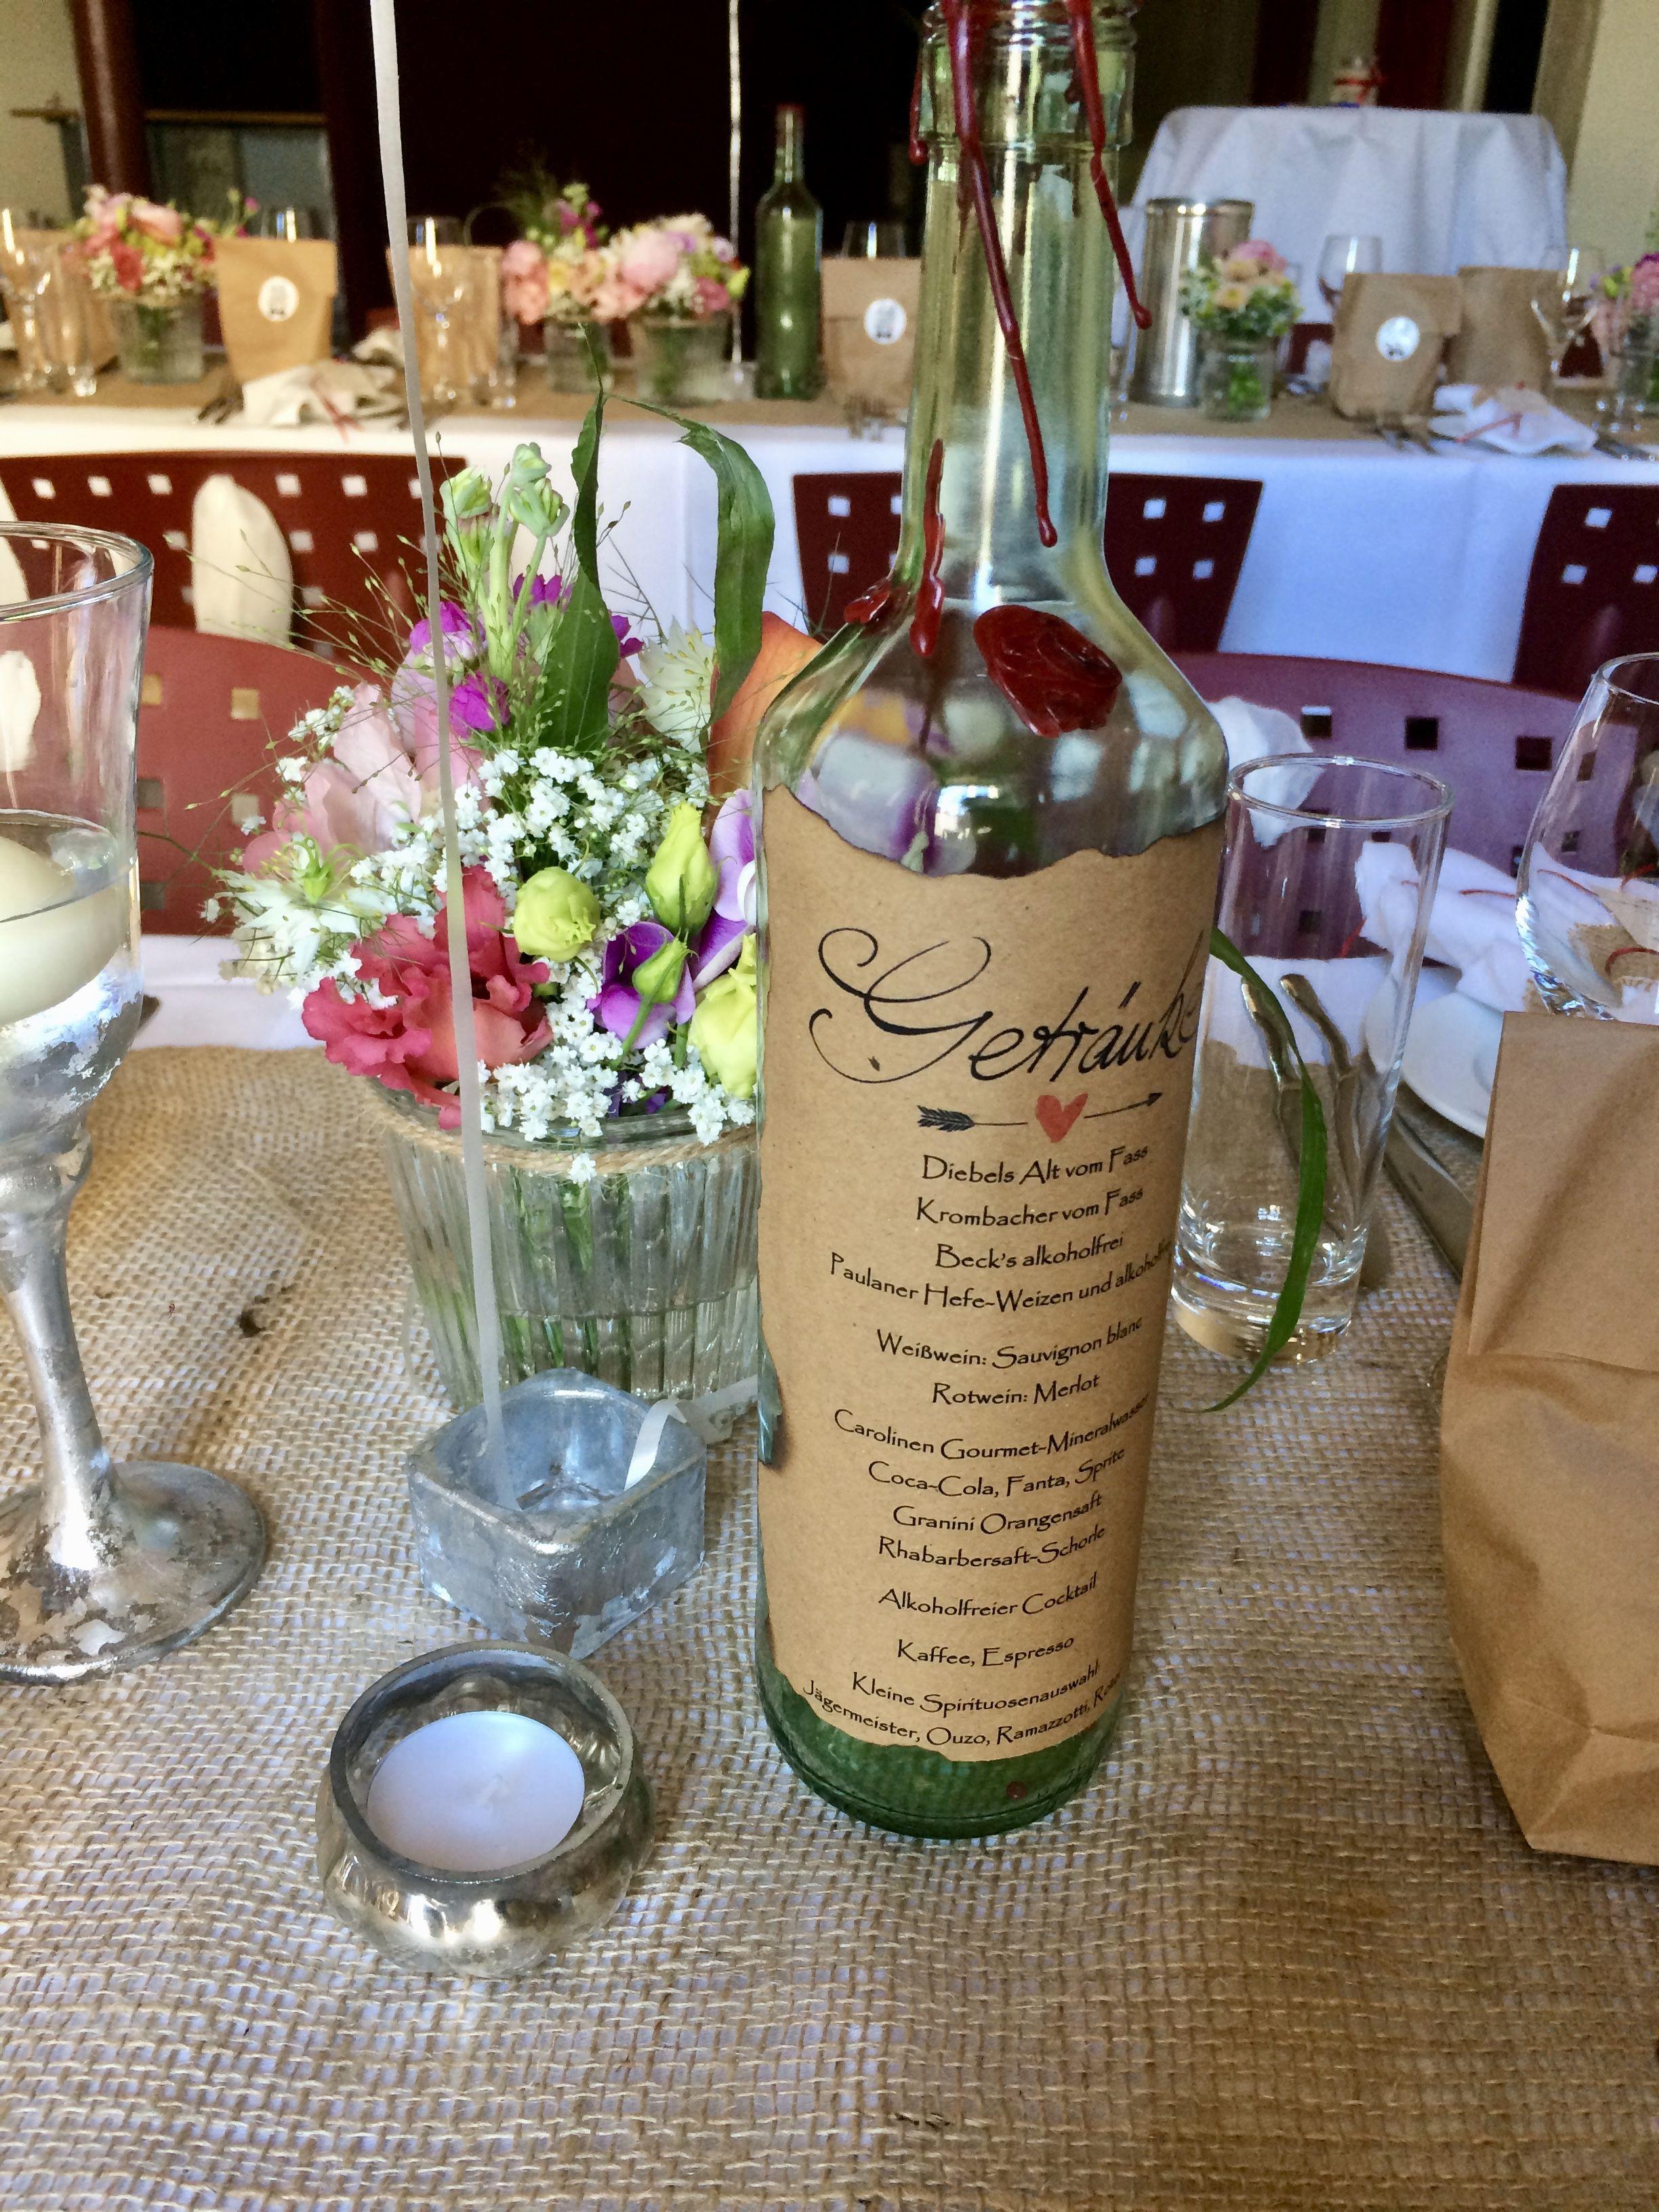 Getränkekarte auf einer Weinflasche DIY